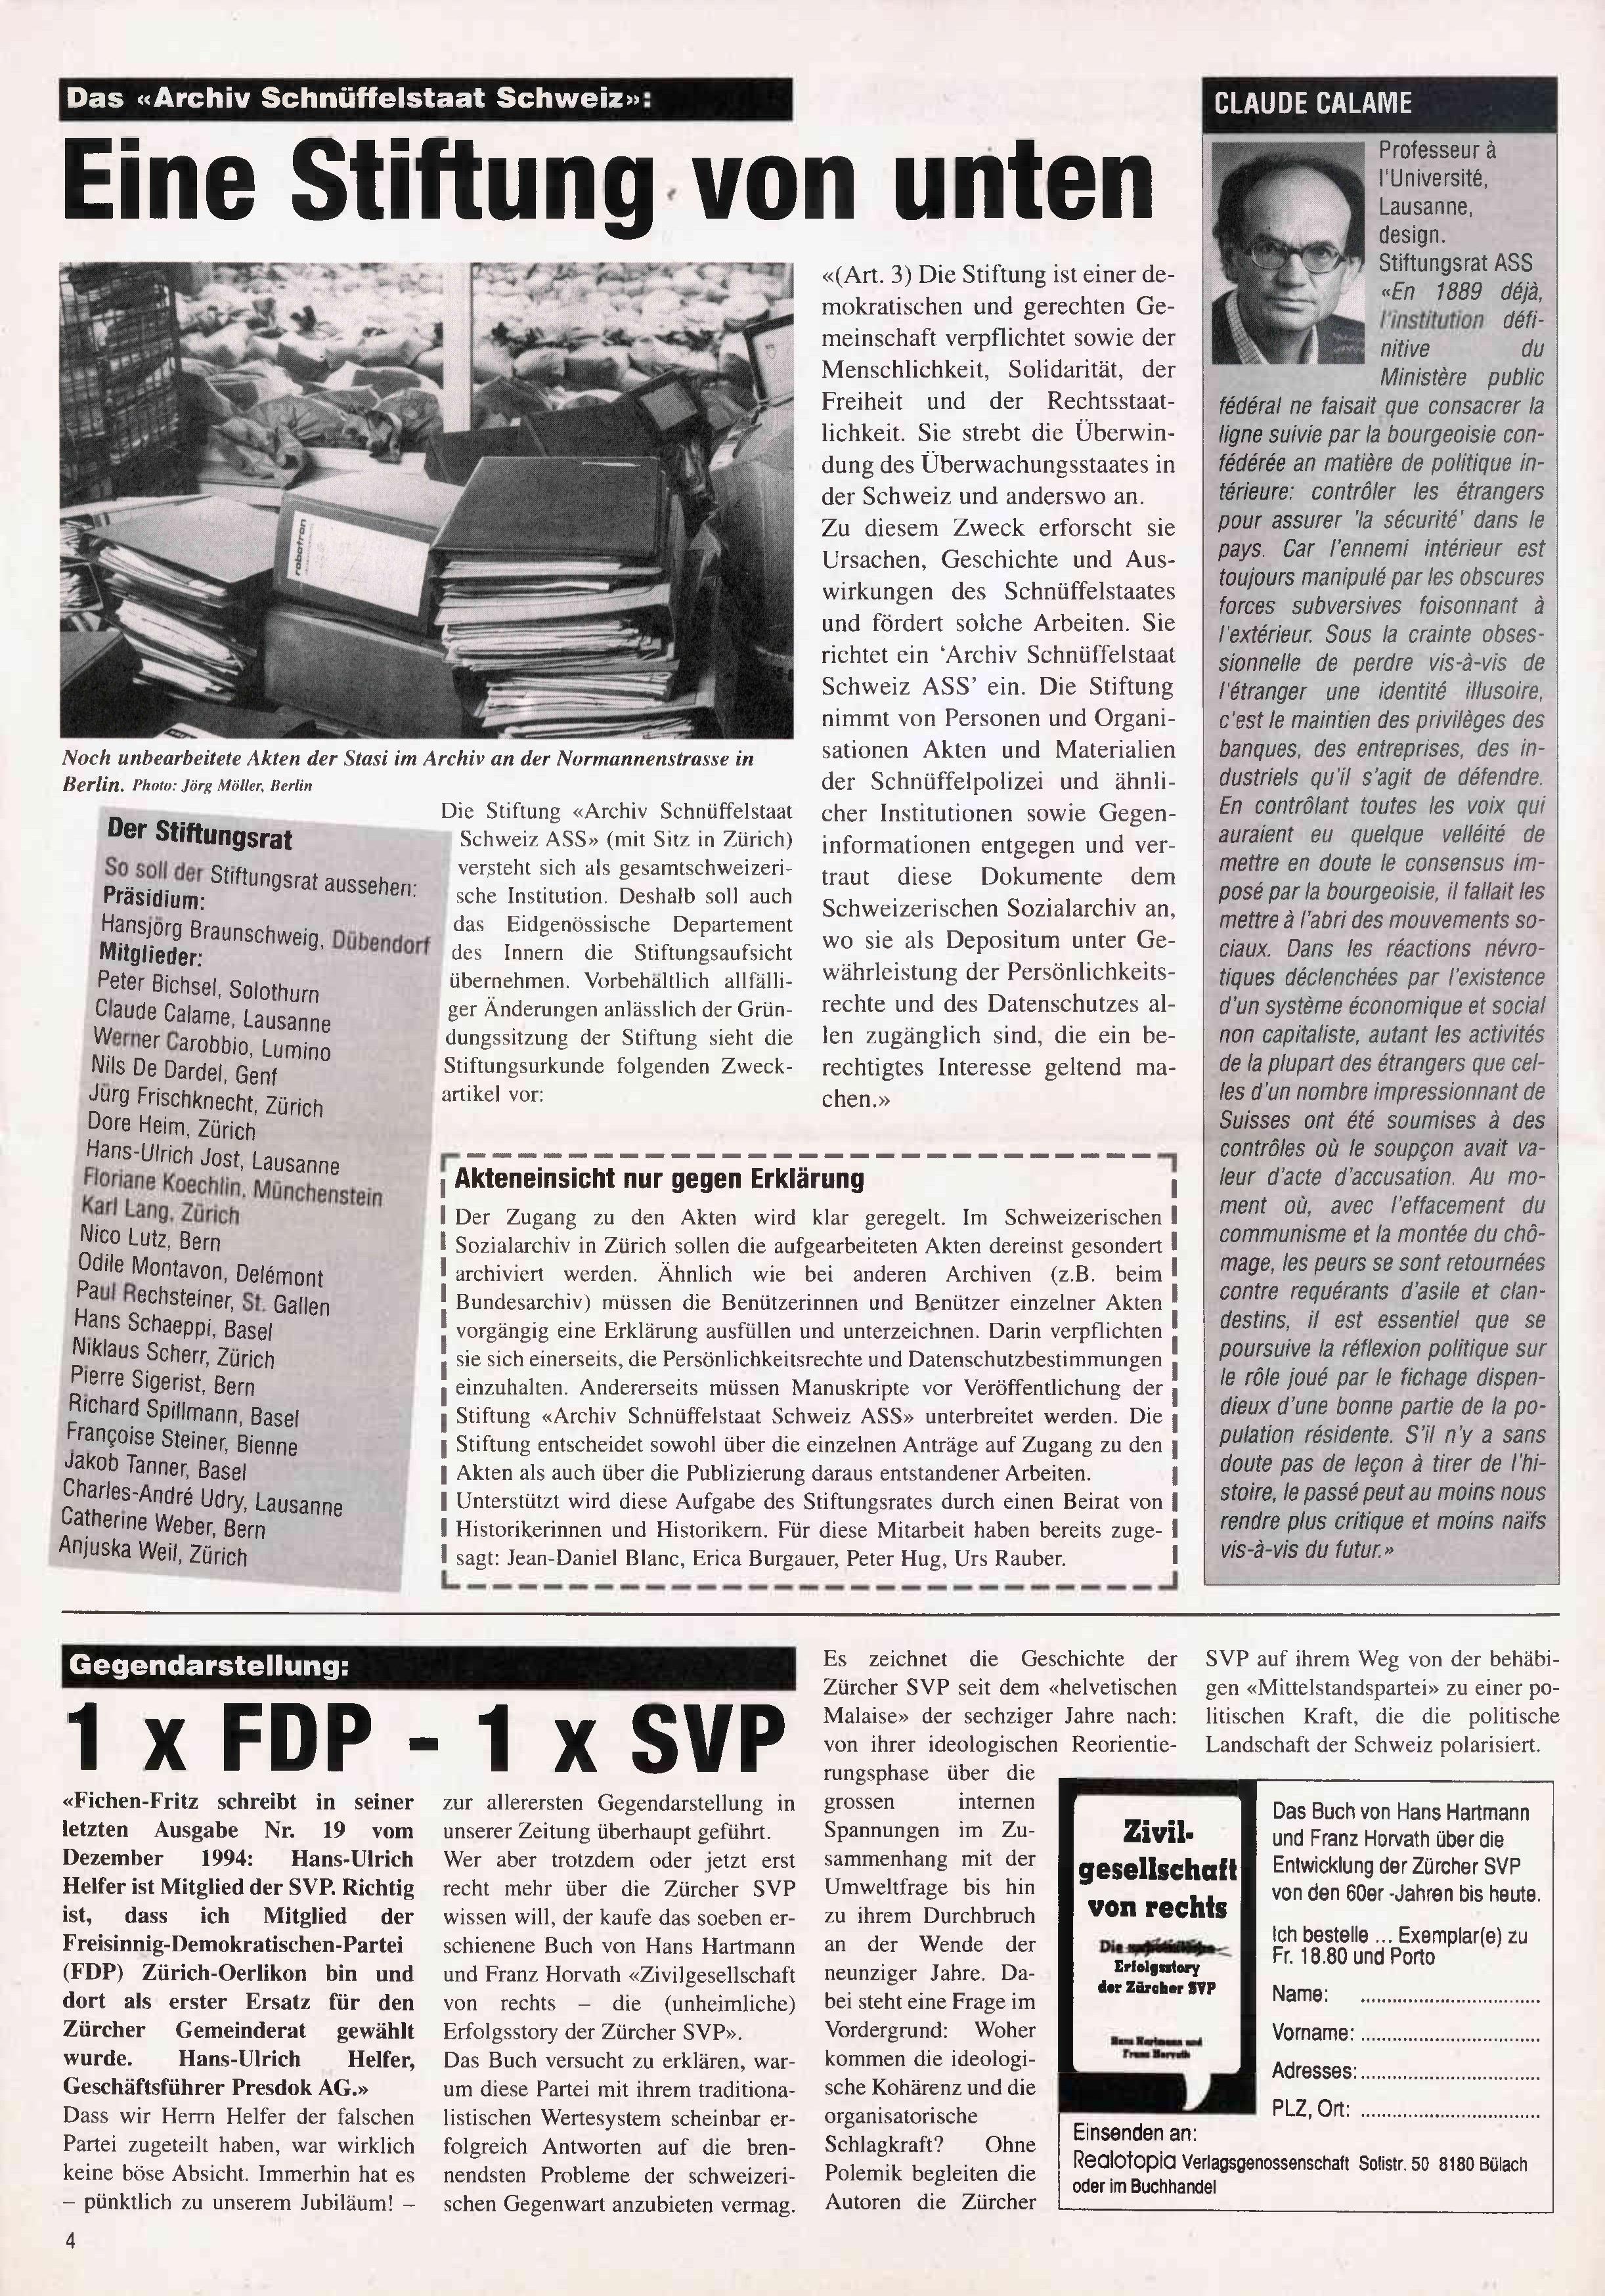 FICHEN FRITZ NR. 20 - SEITE 4